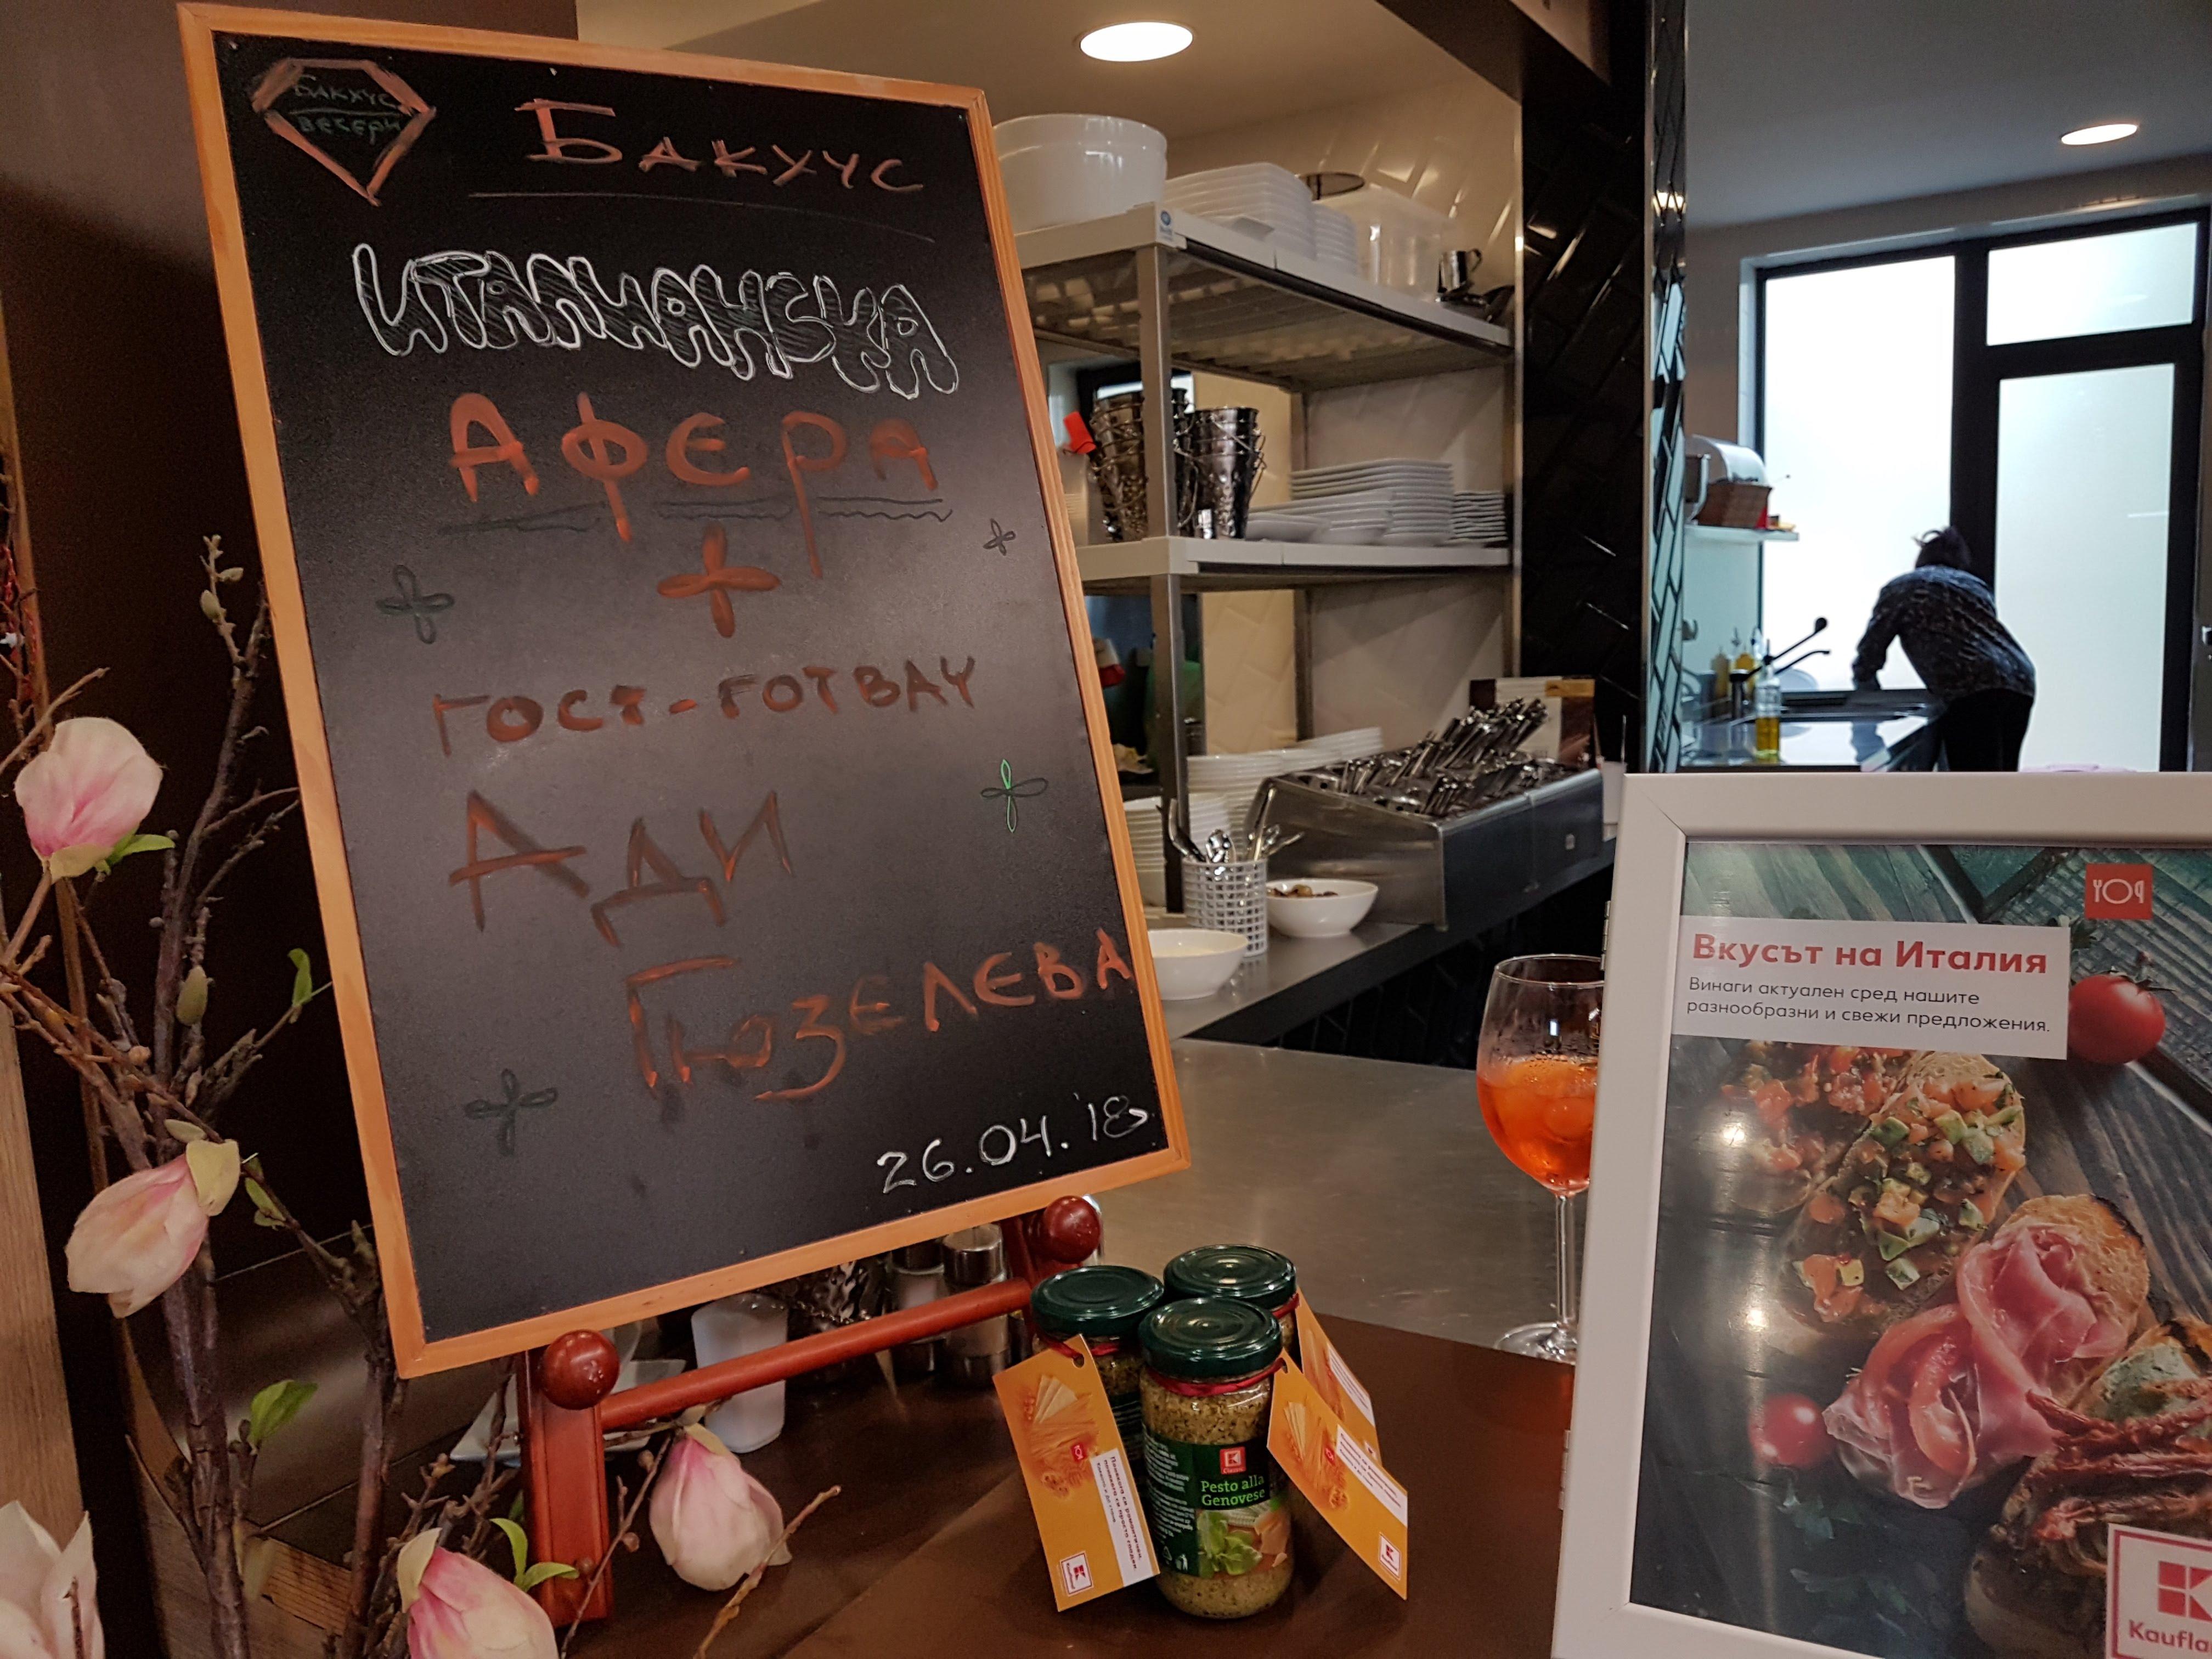 Italian Affair, Bacchus magazine dinner, placescases.com